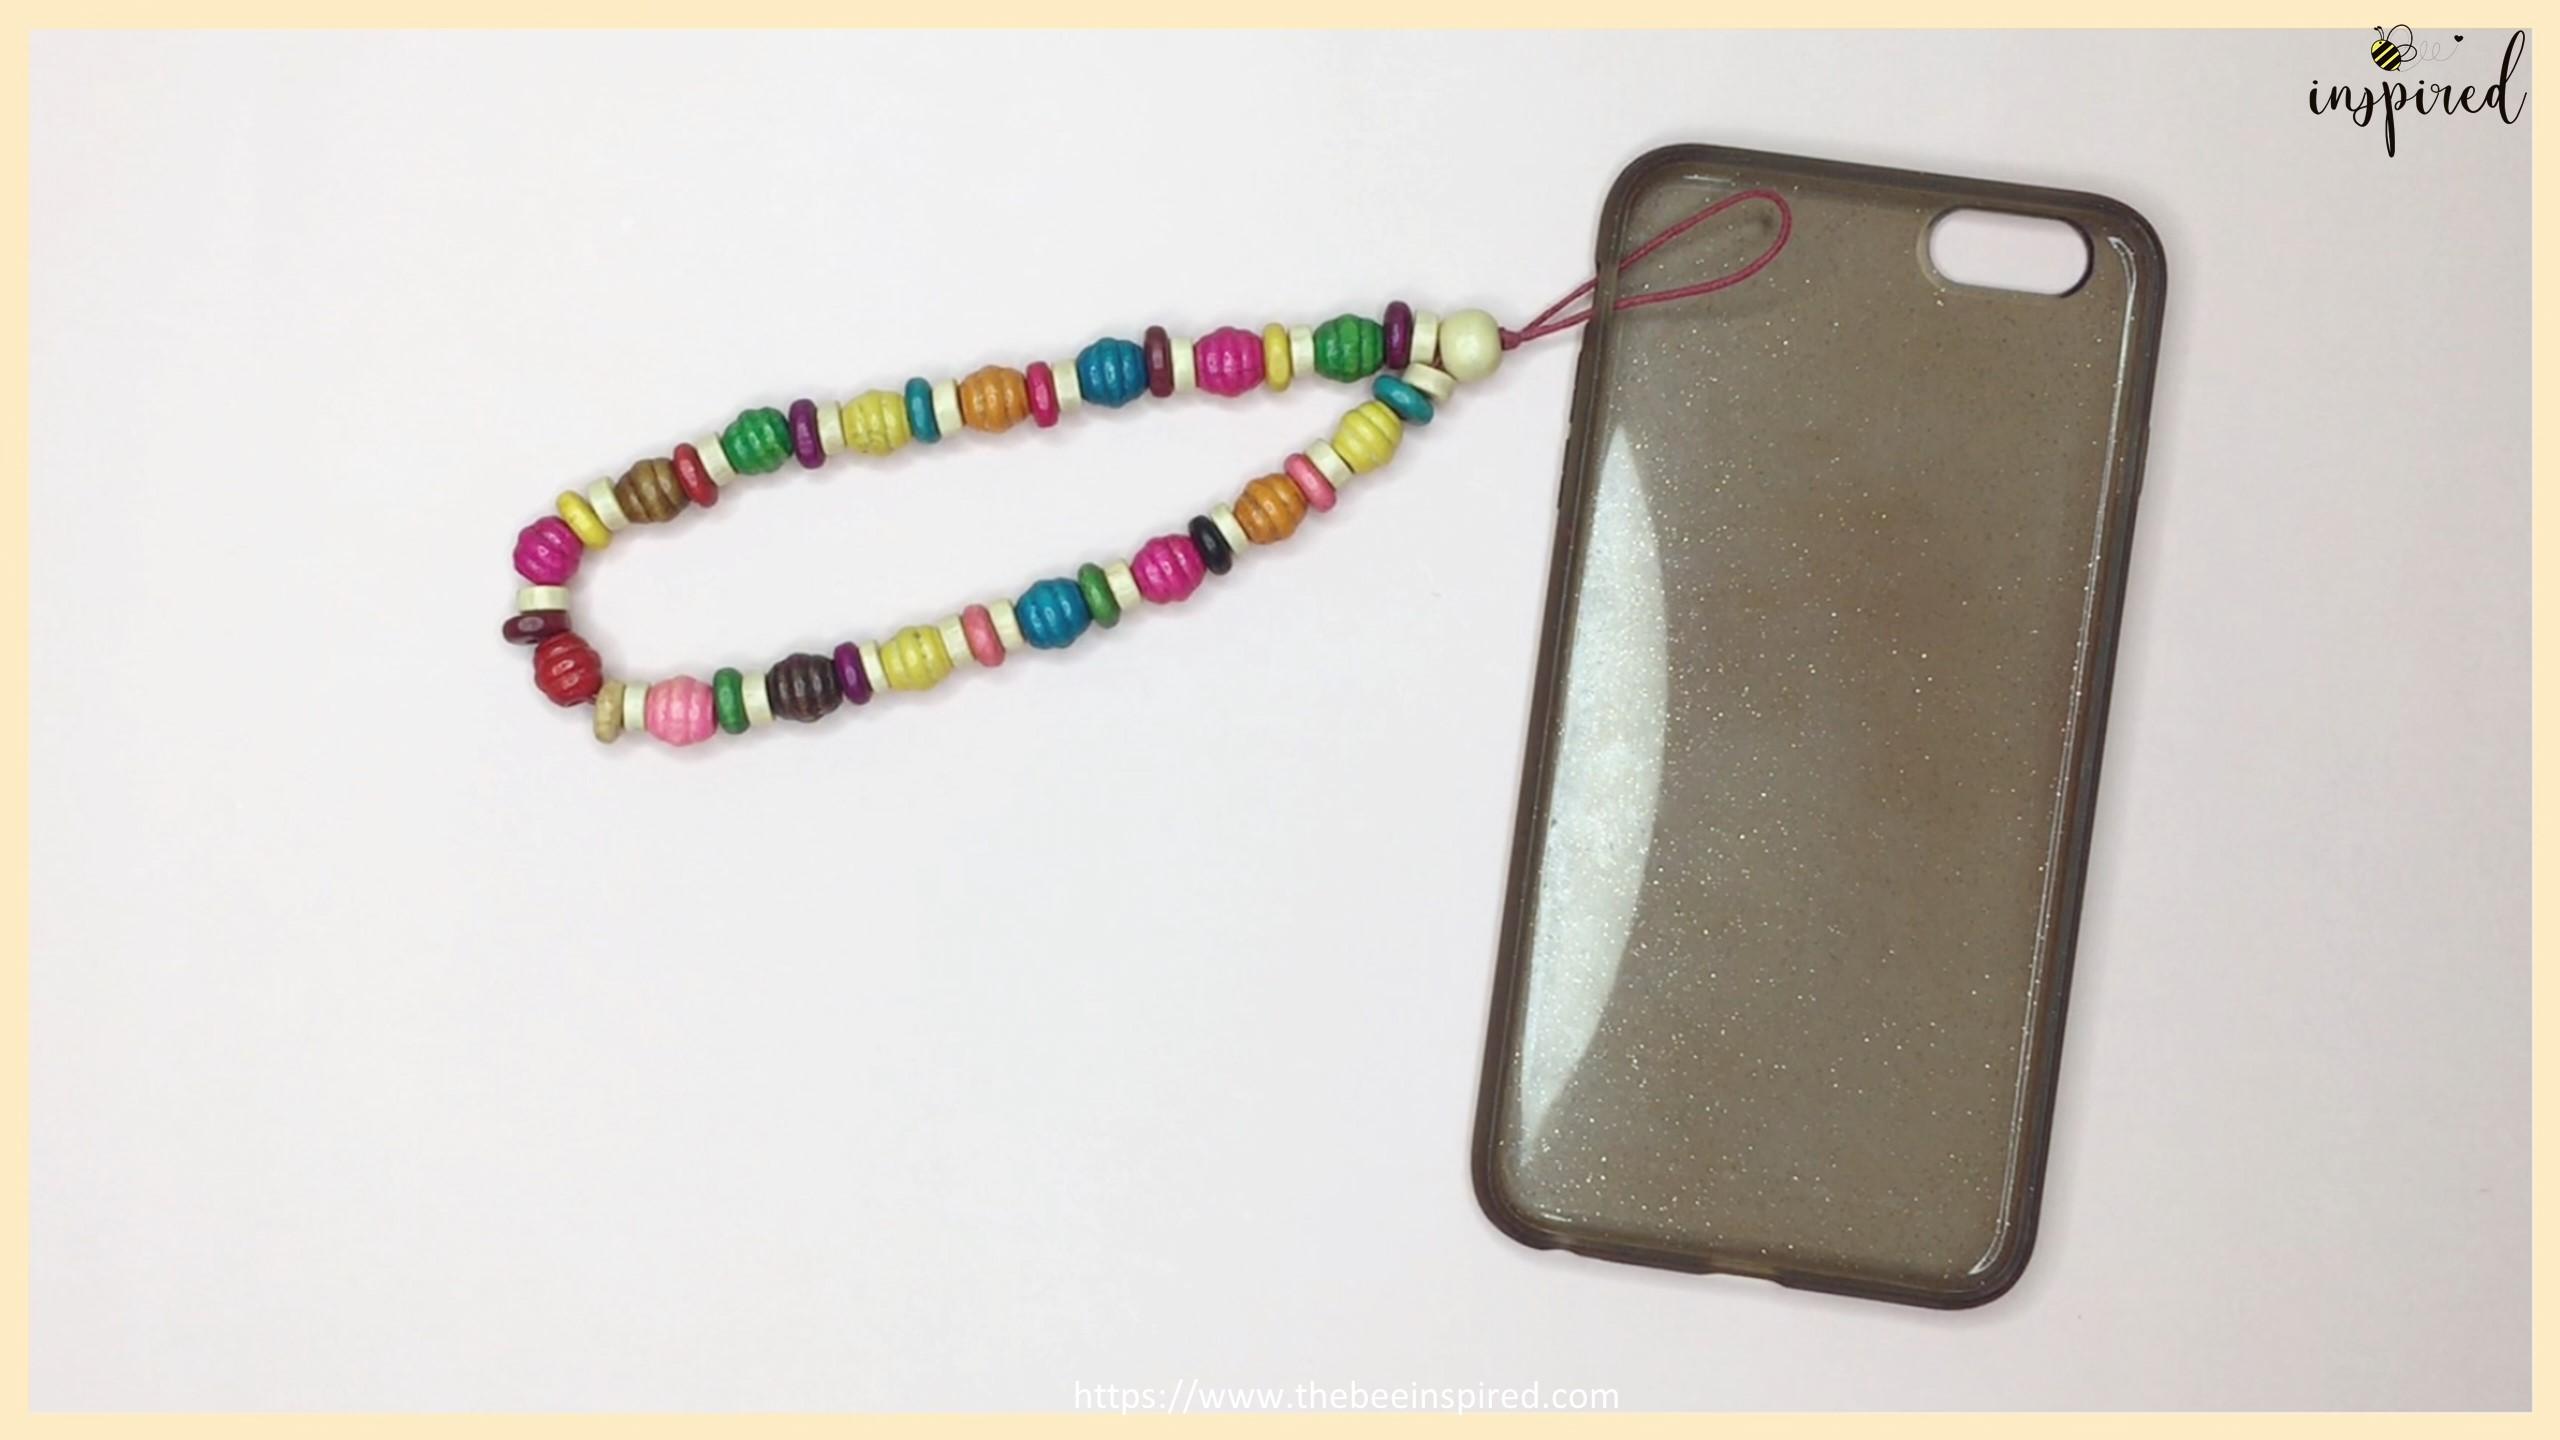 สอนทำพวงกุญแจลูกปัดห้อยโทรศัพท์ง่ายๆ อุปกรณ์แค่ 3 อย่าง - DIY Beaded Phone Charms (Easy Version) - Phone Strap - Phone Keychain_19